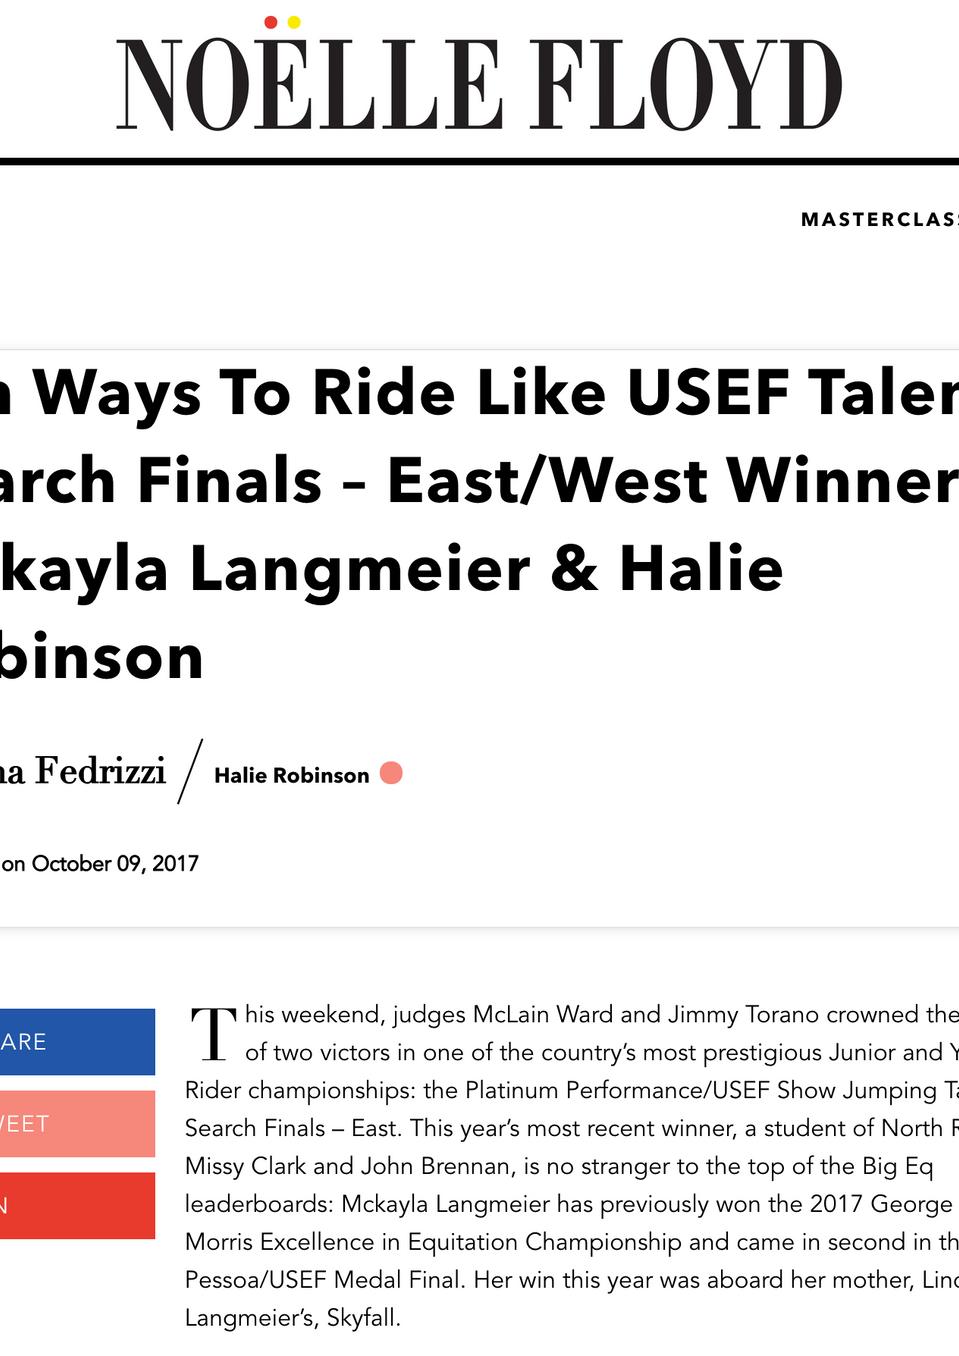 Read More At: https://www.noellefloyd.com/blogs/nf-style/ten-ways-to-ride-like-usef-talent-search-finals-east-west-winners-mckayla-langmeier-halie-robinson?_pos=1&_sid=334135855&_ss=r